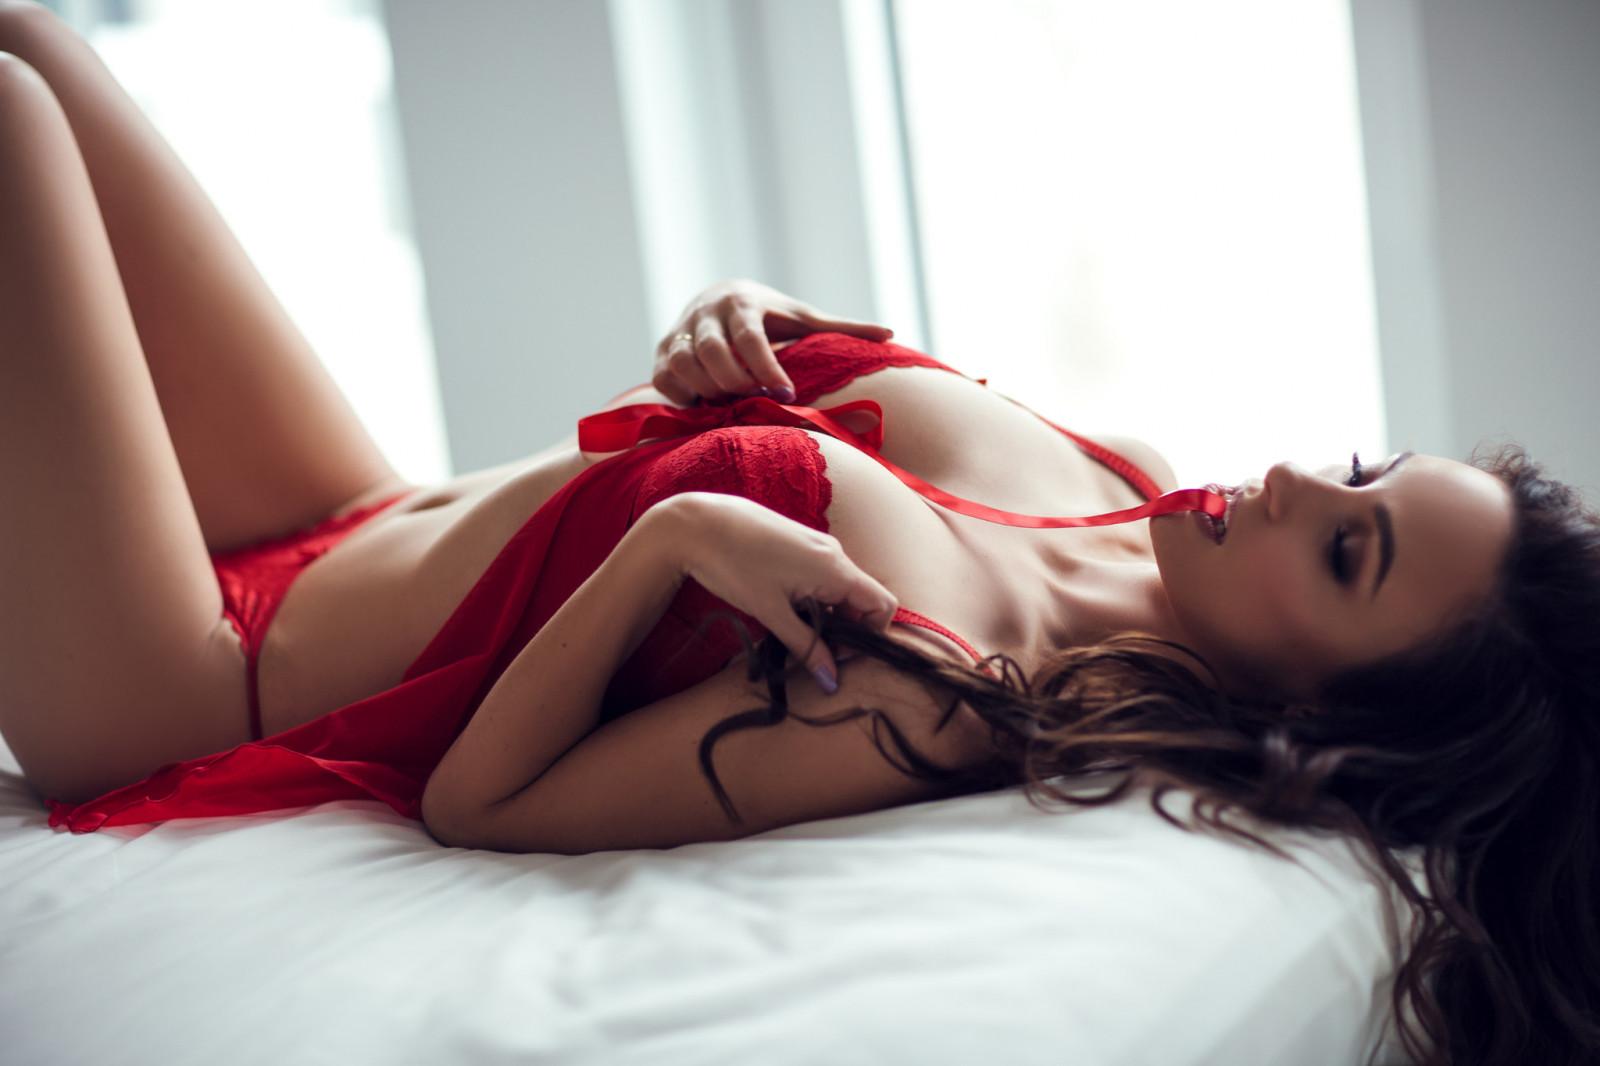 моем воображении эротические девушка в красных трусиках и в красном лифчике кончает очень